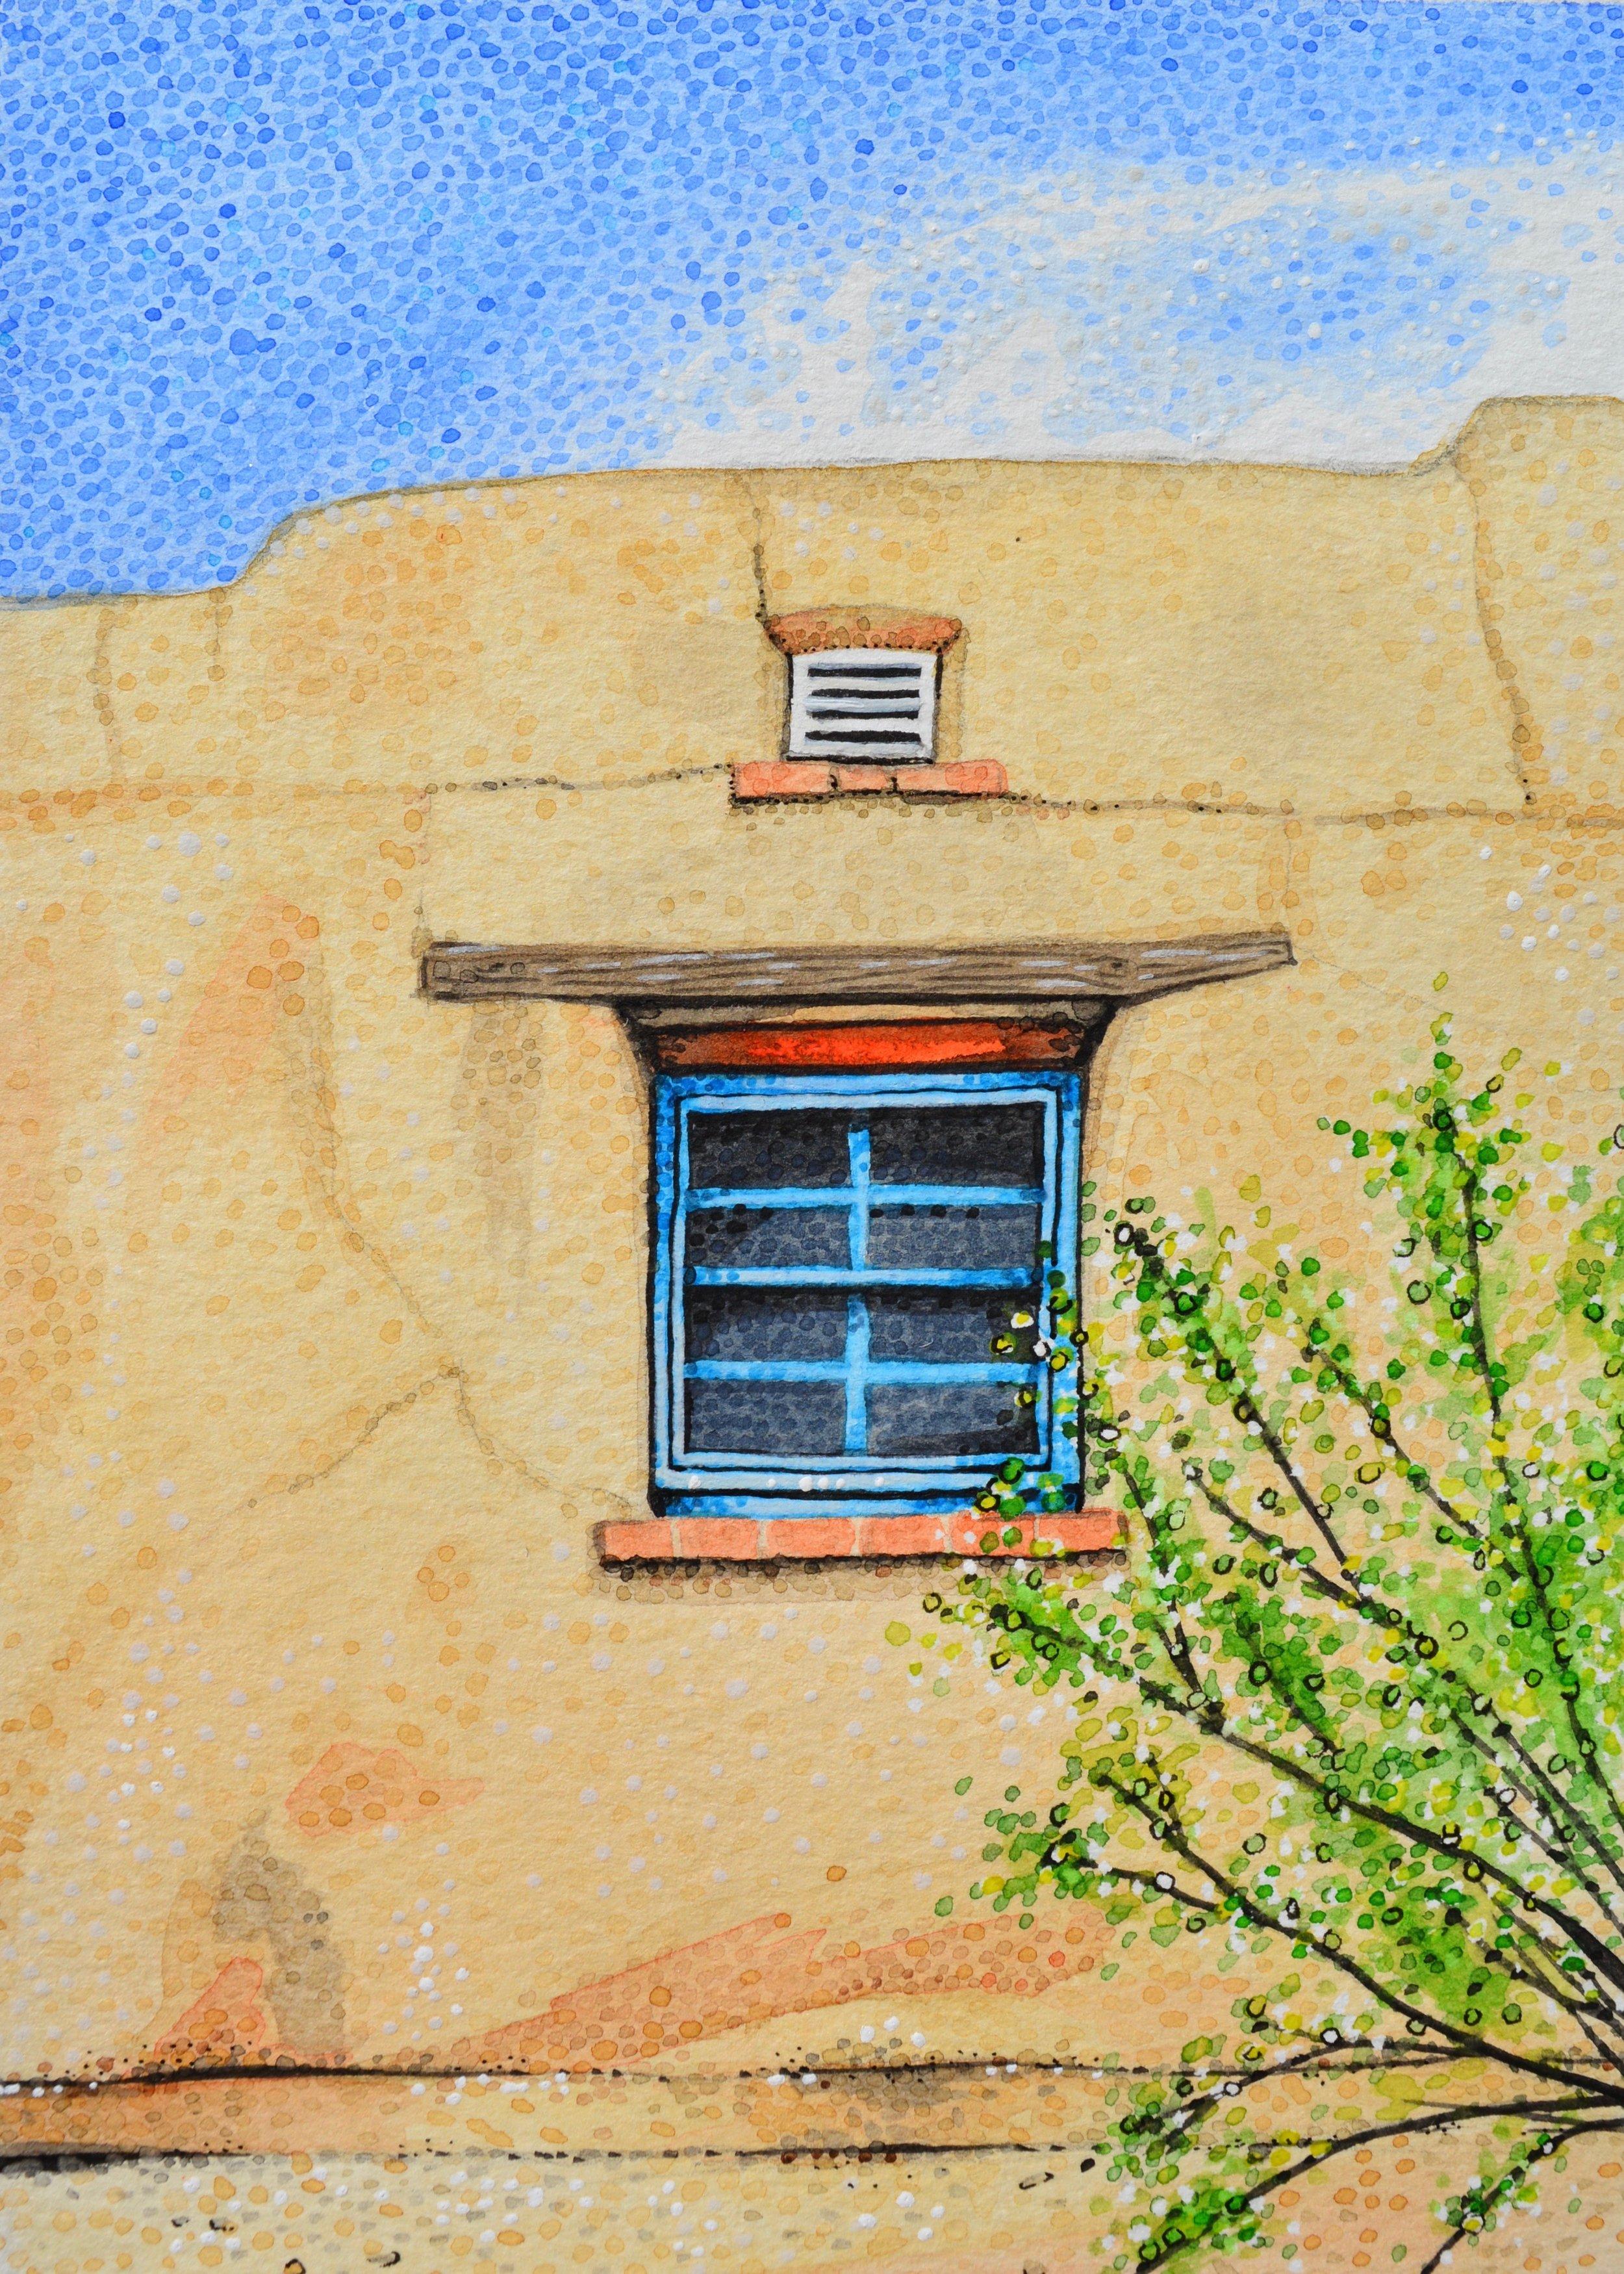 Old Fort Lowell Neighborhood, Tucson, Arizona: 3/24/18, 11:23:18